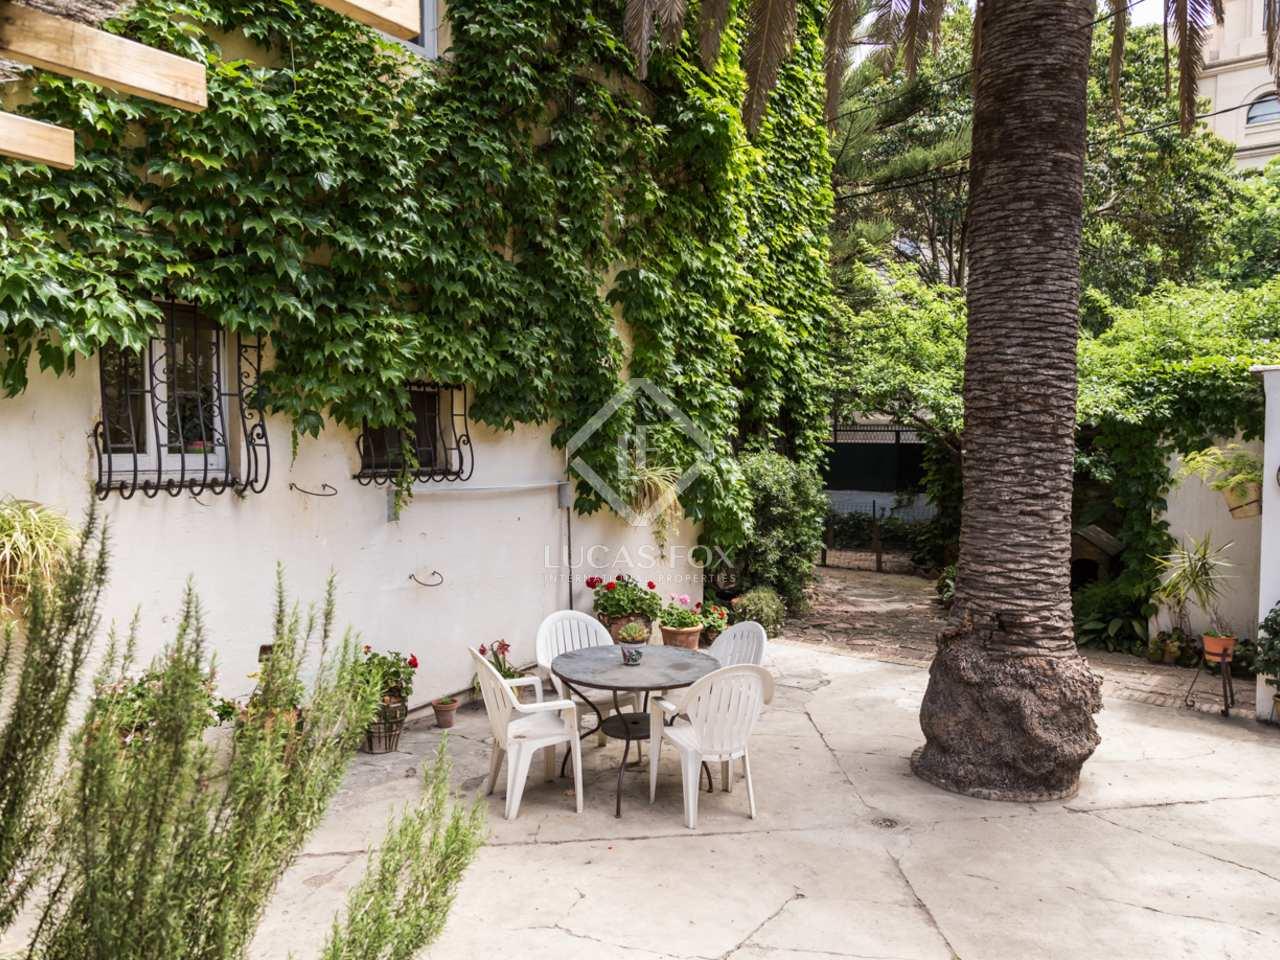 Villa hist rica con jard n y piscina en venta en valencia for Piscina ciudad jardin sevilla